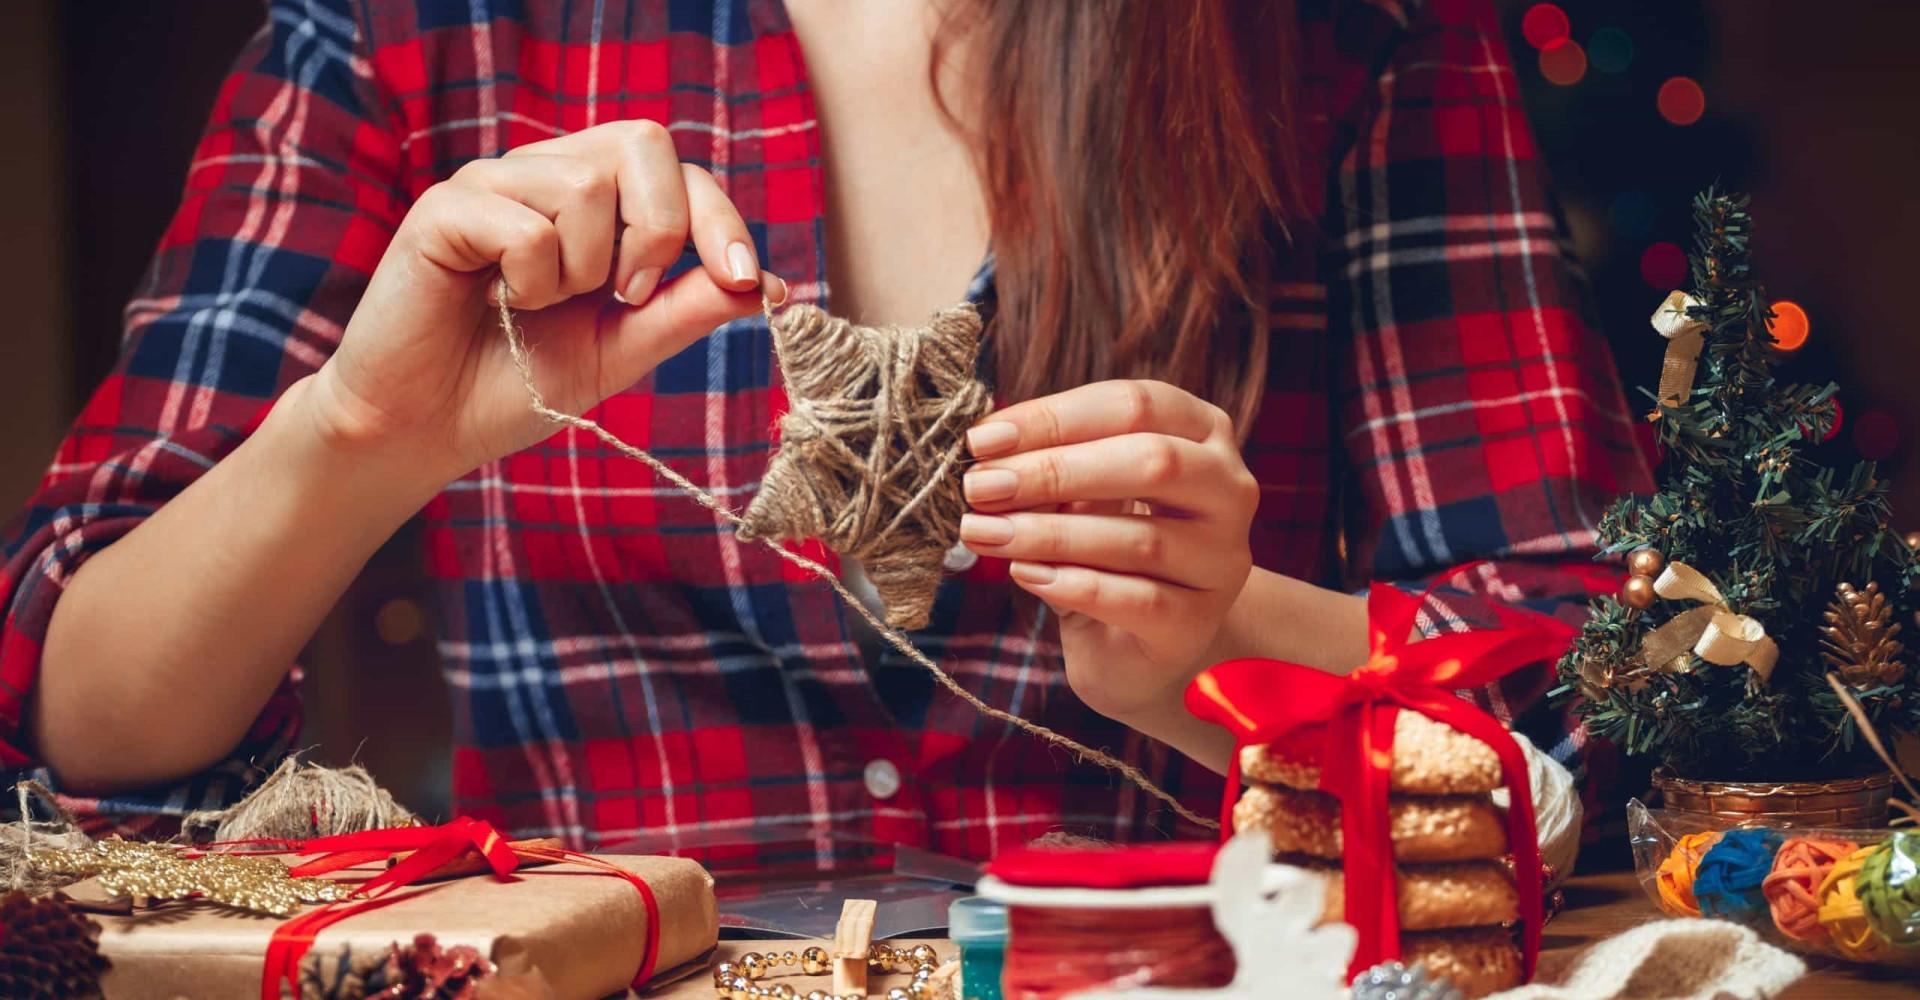 Mitä jos tekisit joululahjasi tänä vuonna itse?